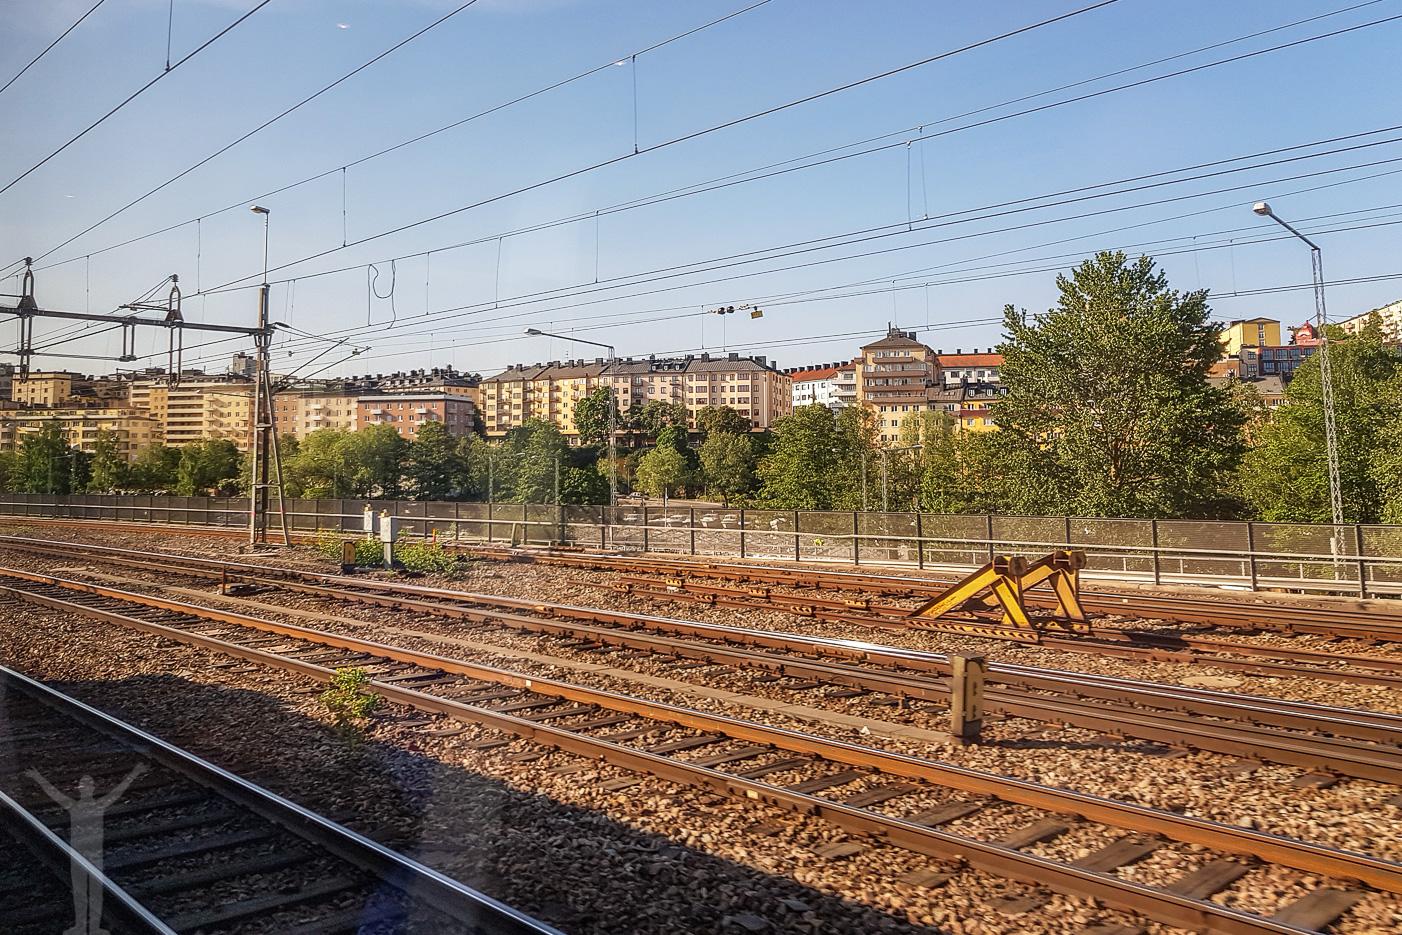 Hejdå Stockholm